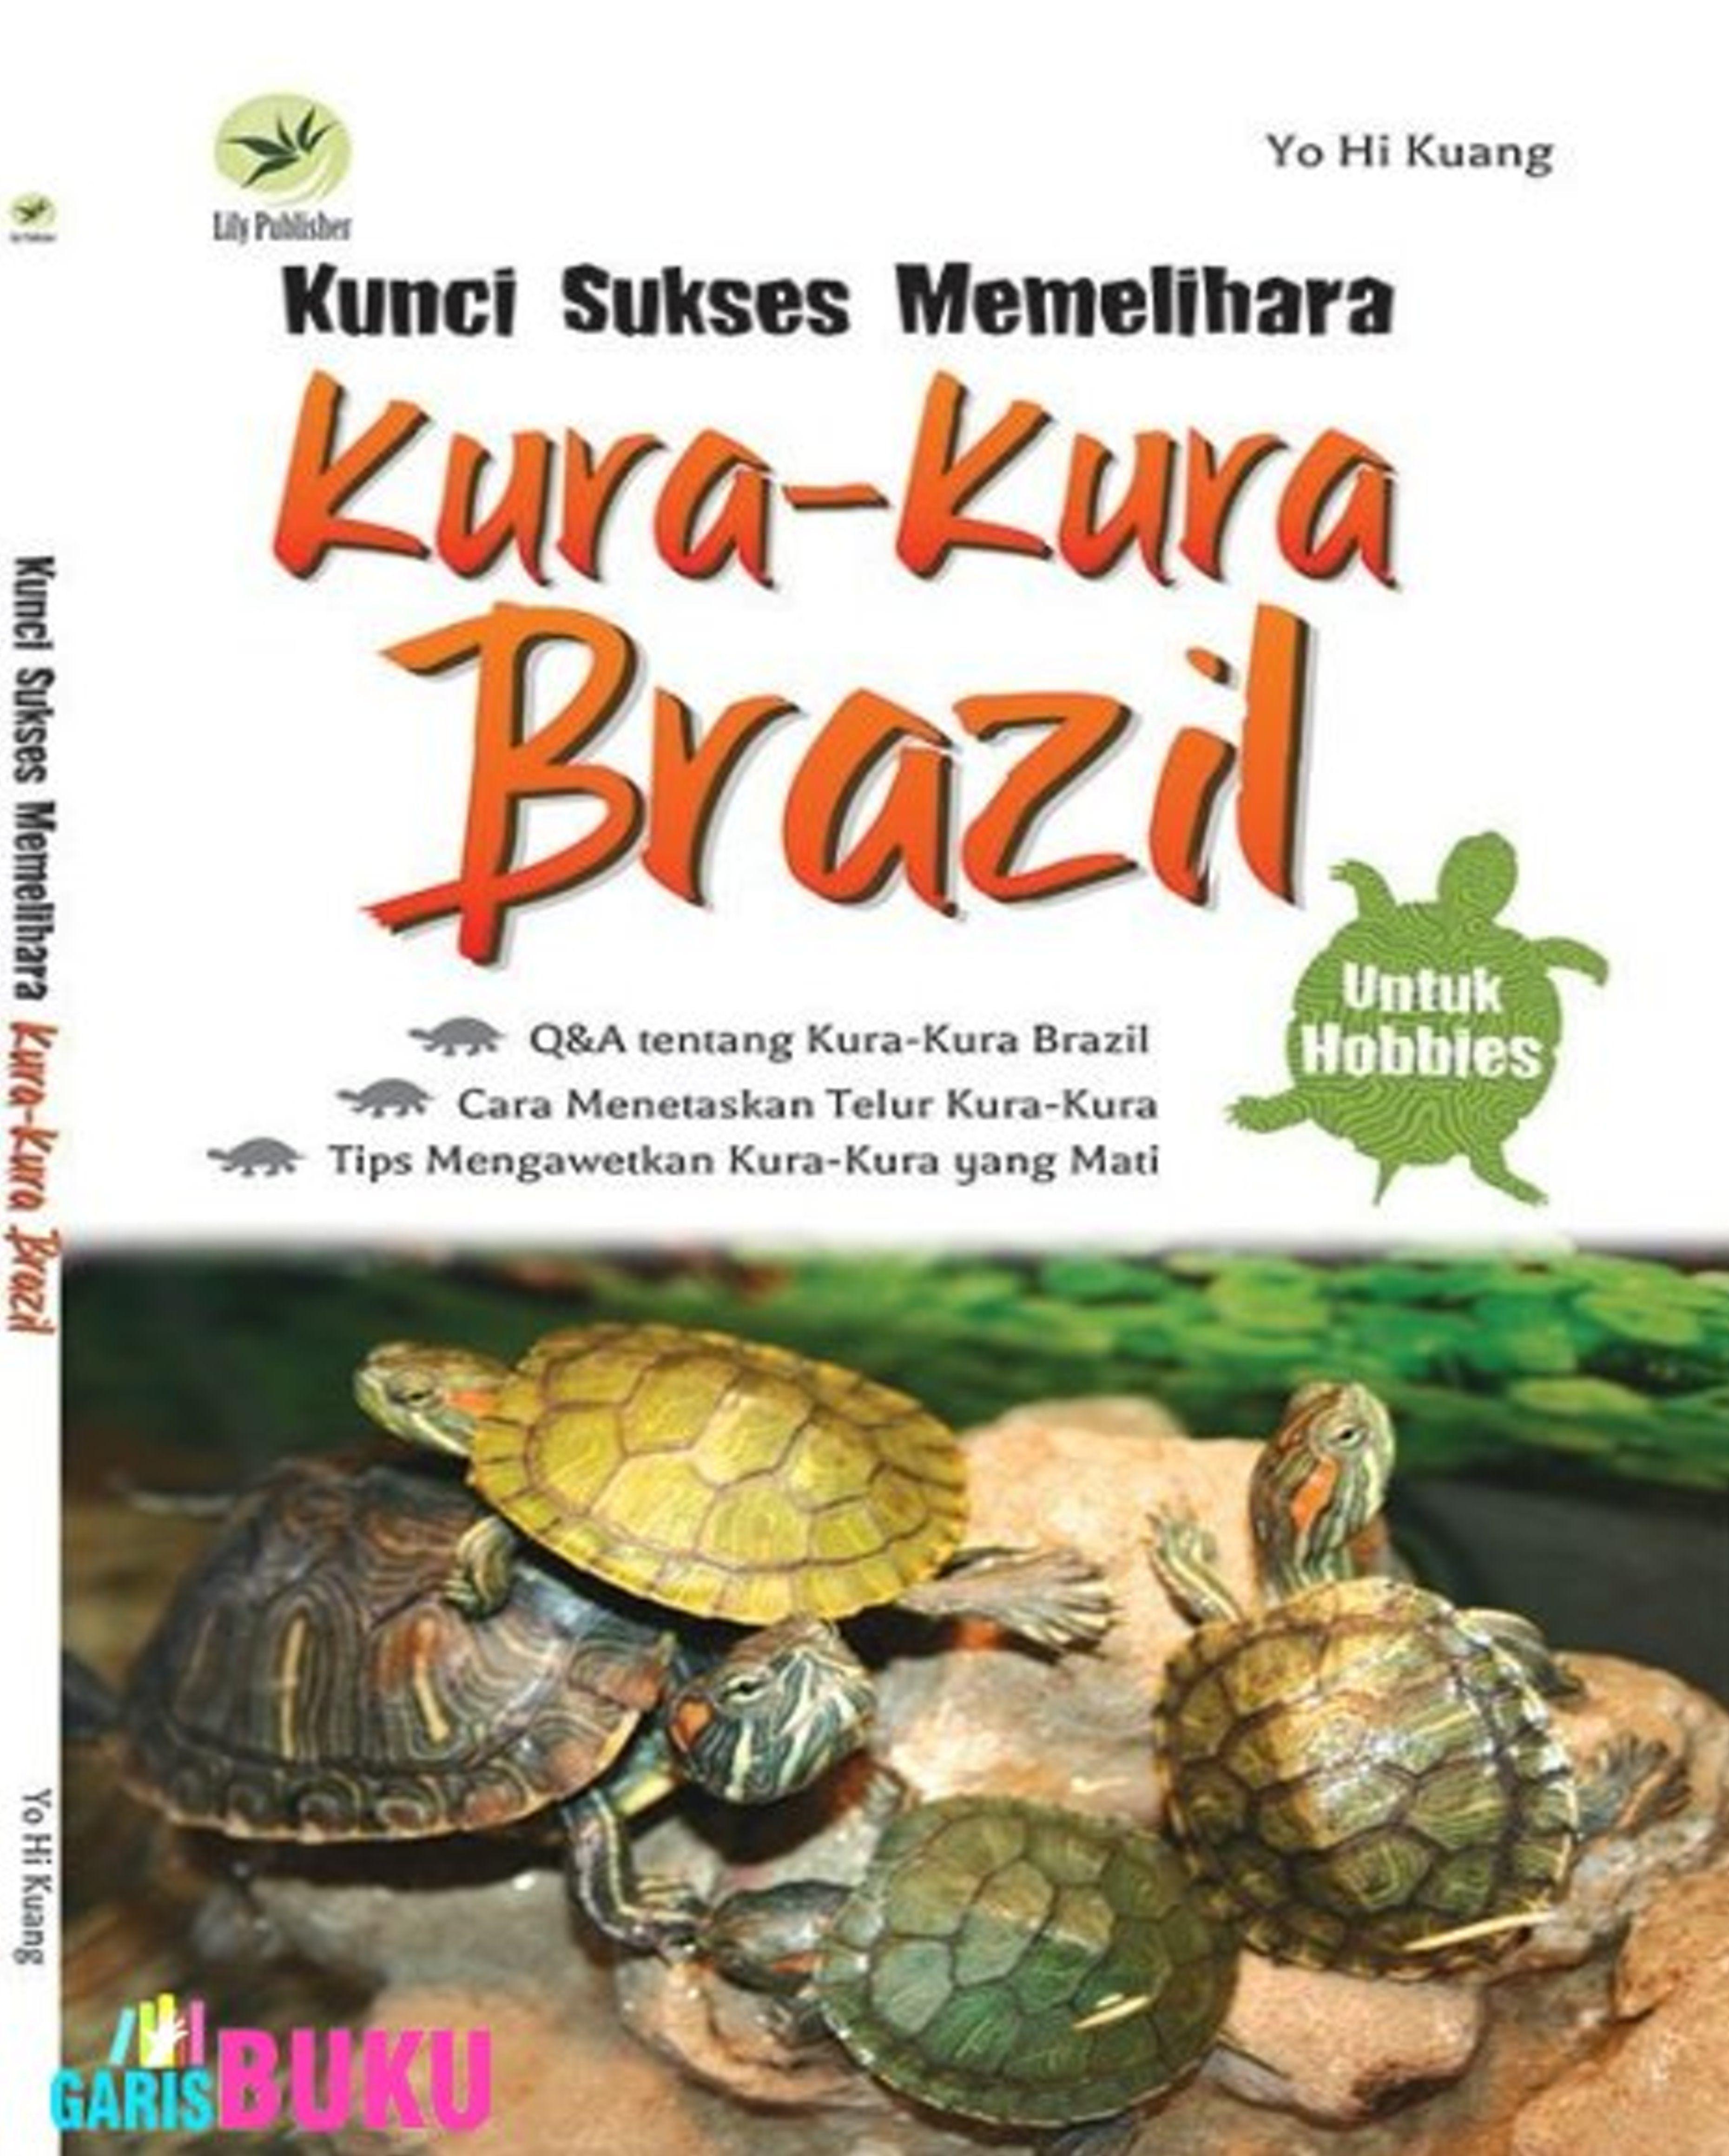 Kunci Sukses Memelihara Kura Kura Brazil By Yo Hi Kuang Isbn 9789792959987 Brazil Kura Kura Binatang